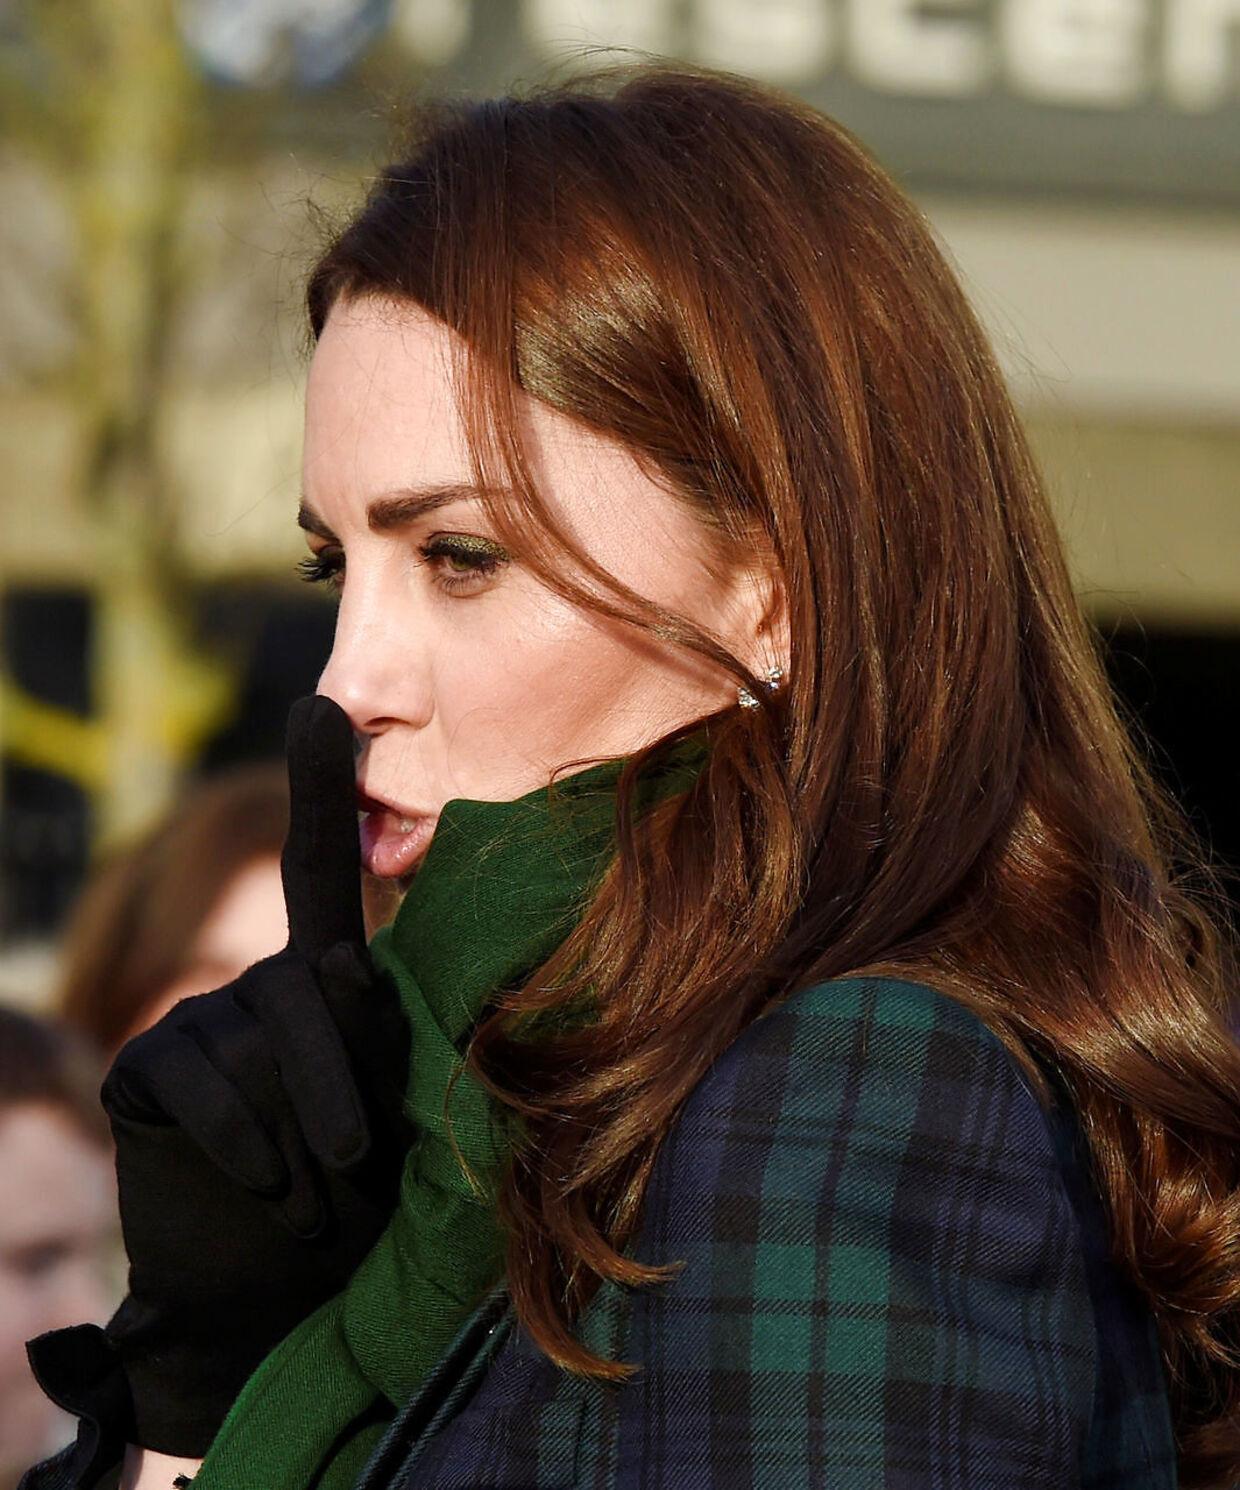 Forfatter Katie Nicholl fortæller, hvordan dronningen fik sat Kate Middleton på plads inden hun skulle giftes.